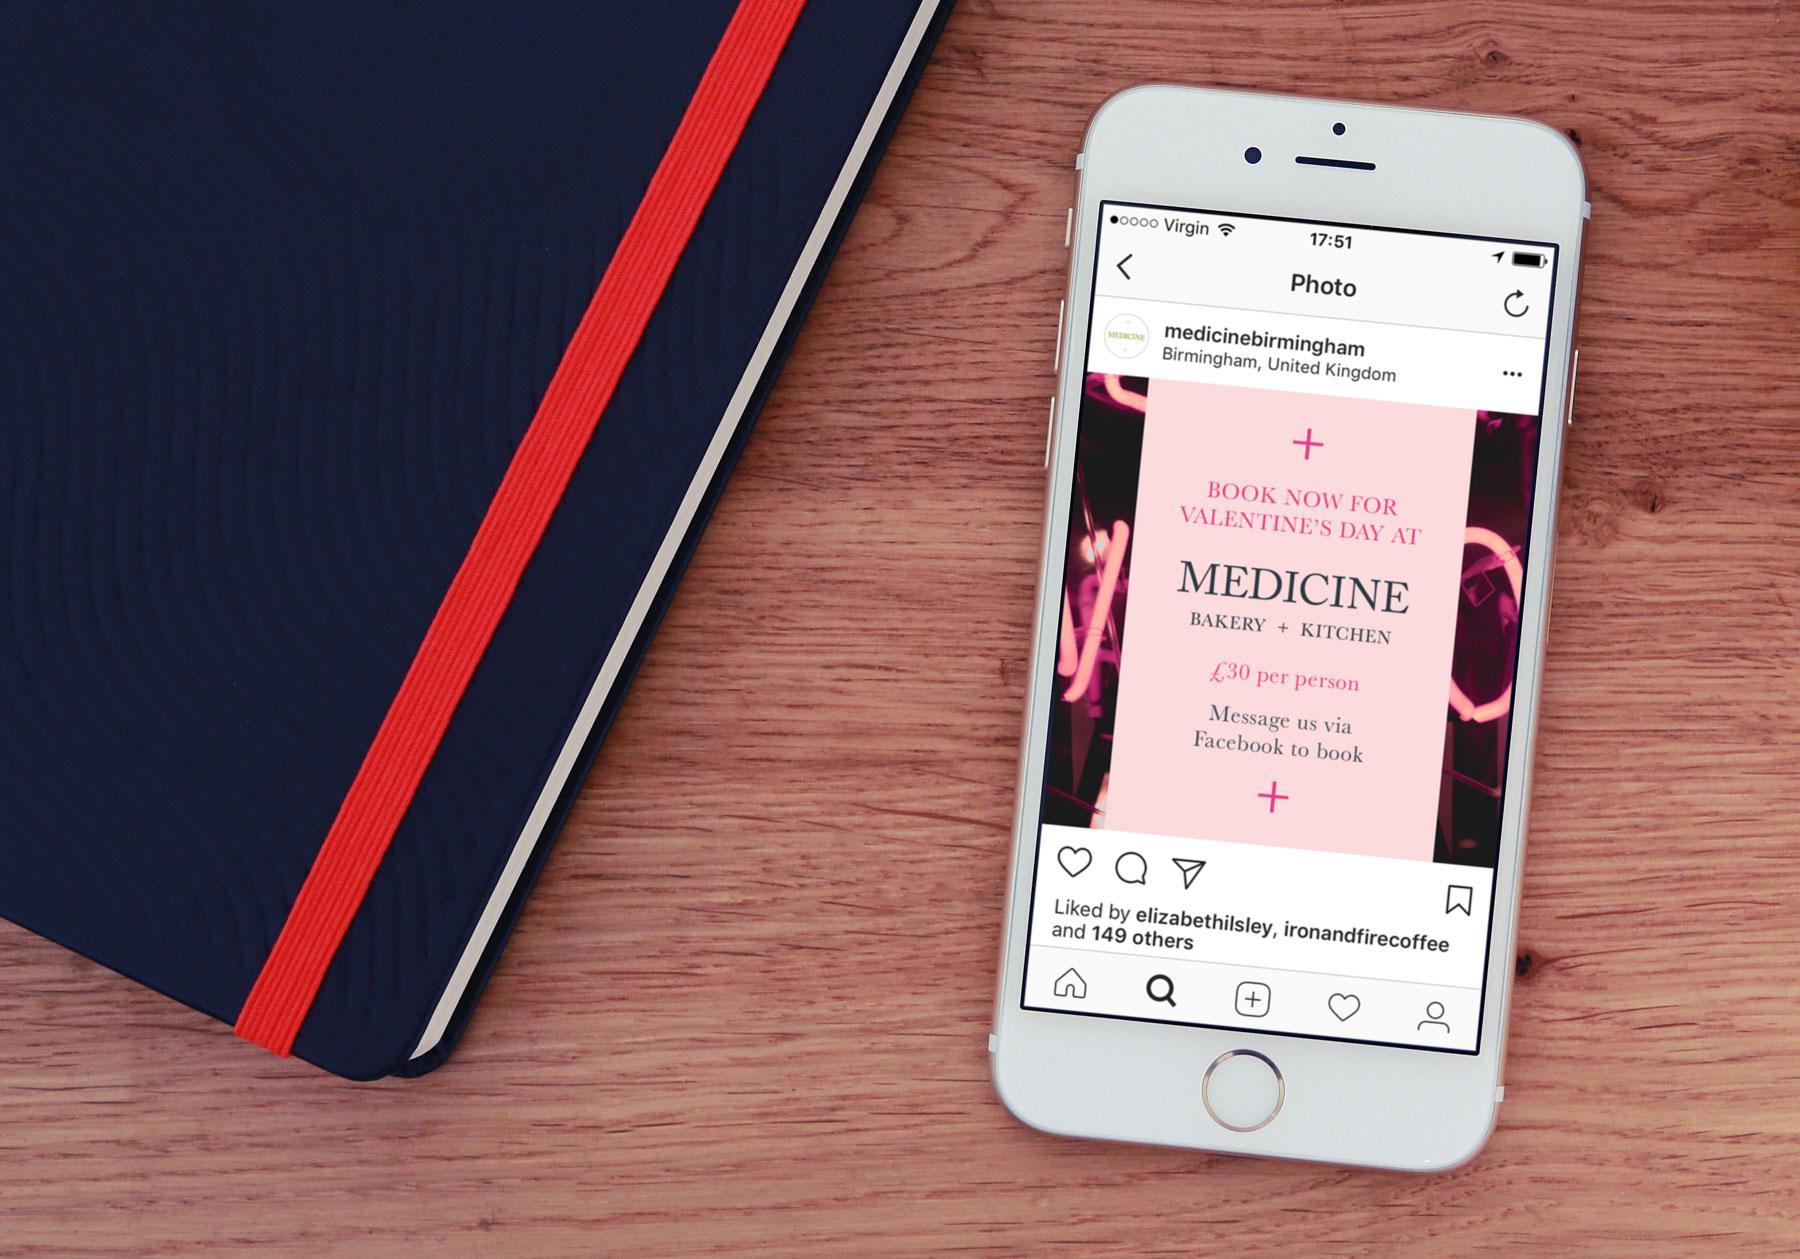 Medicine social media